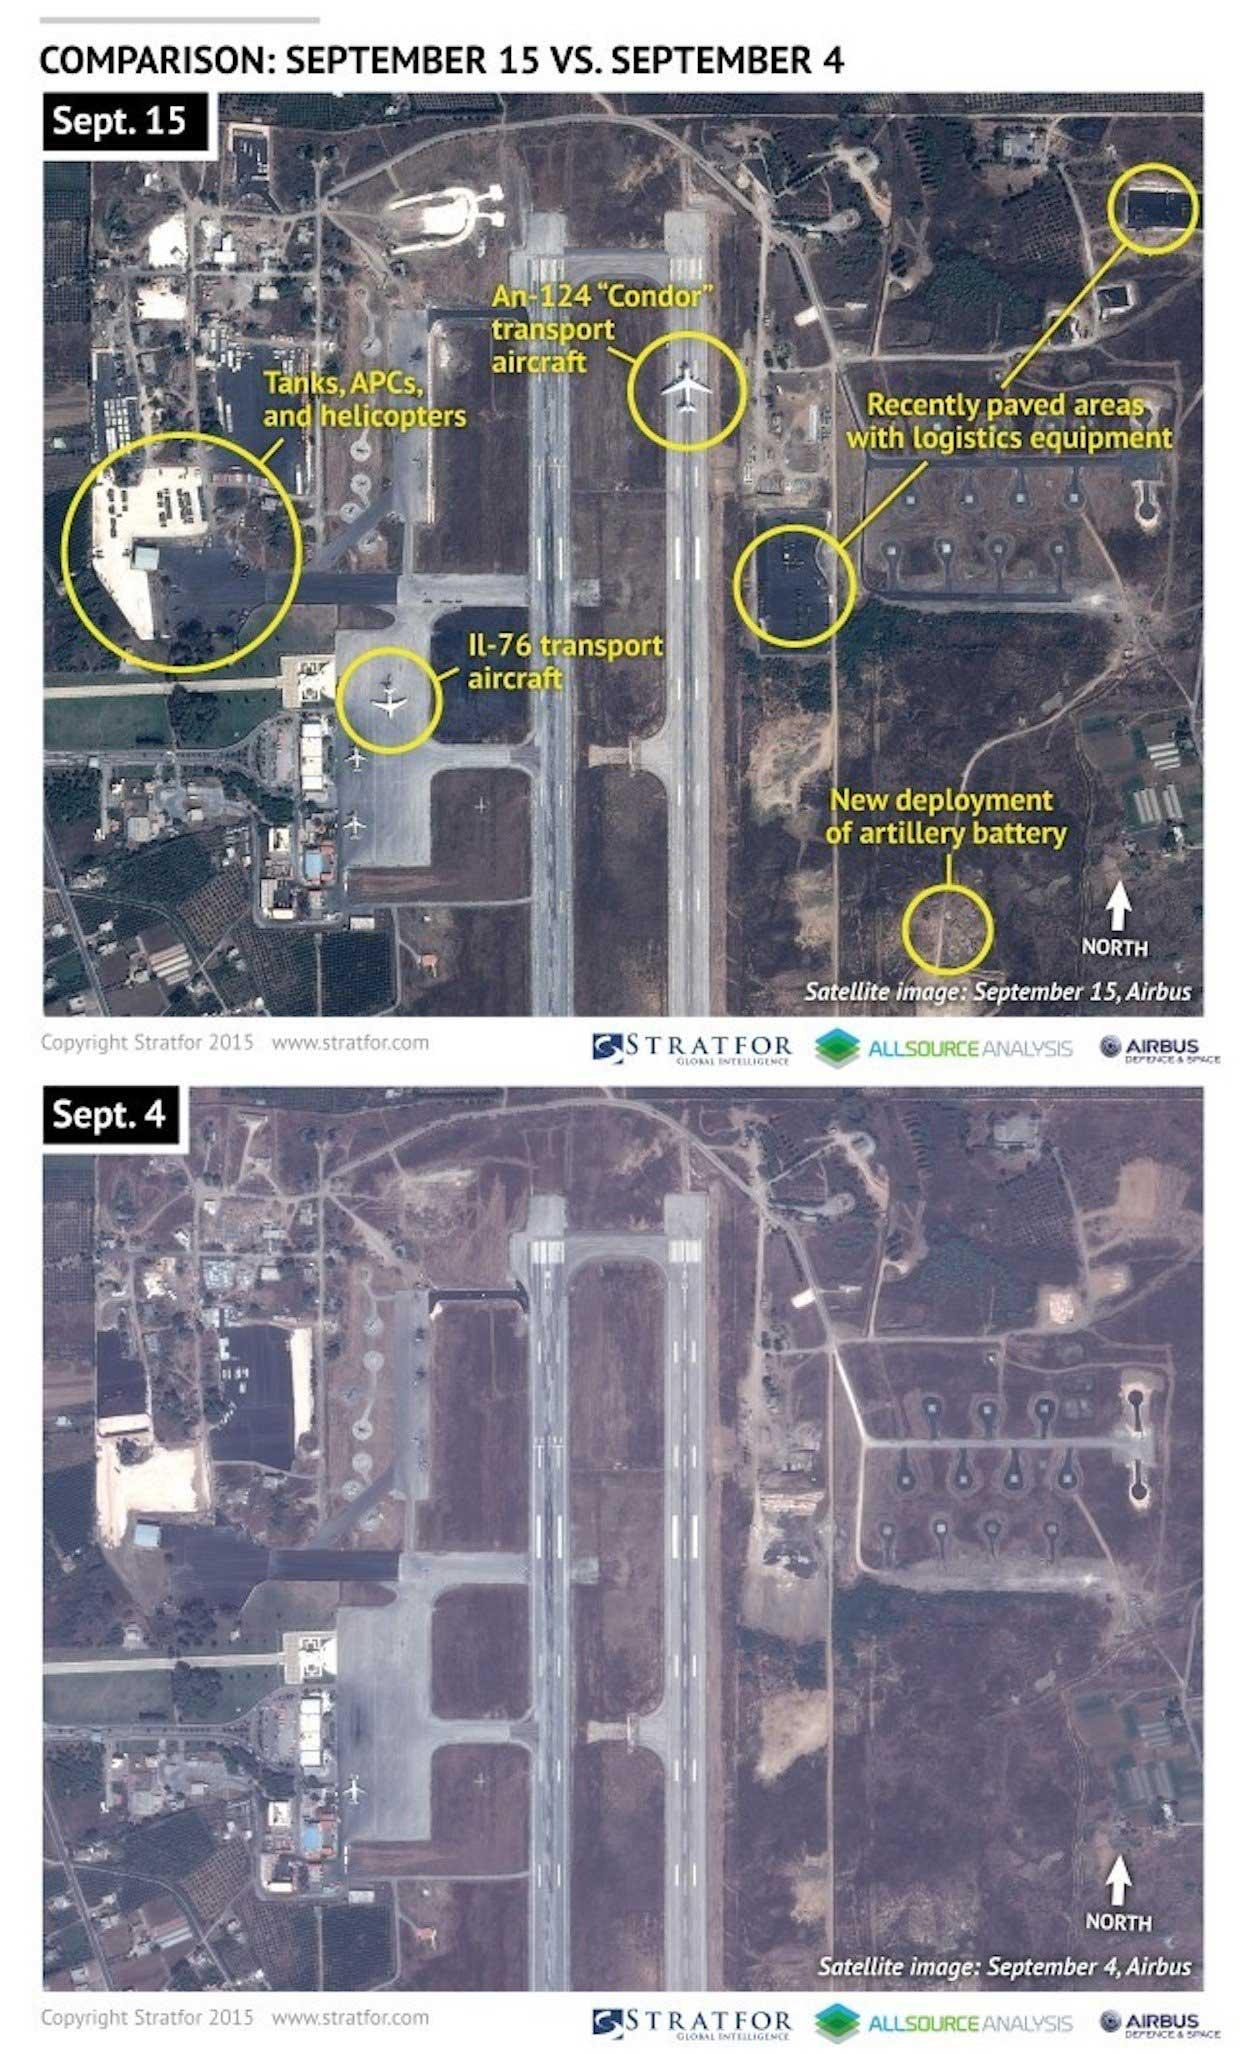 Первая фота: общий план базы РФ (Bassel al Assad, провинции Латакия)